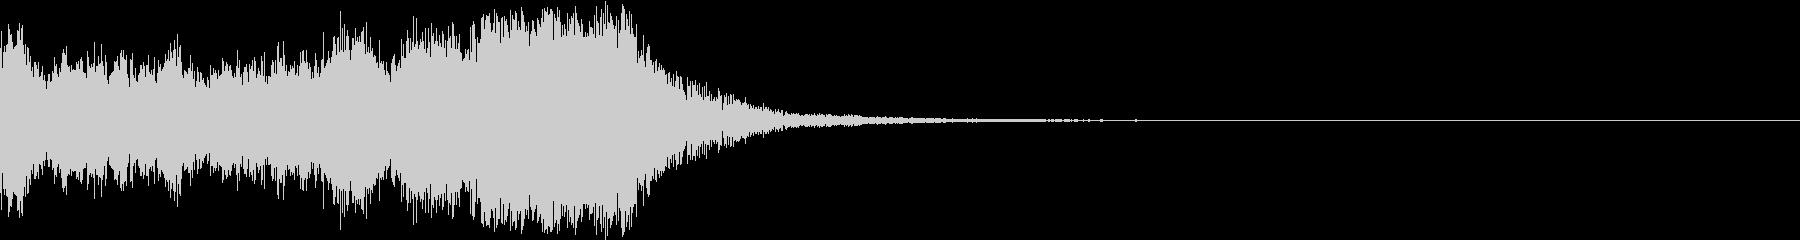 ファンファーレ オーケストラ 豪華 1の未再生の波形